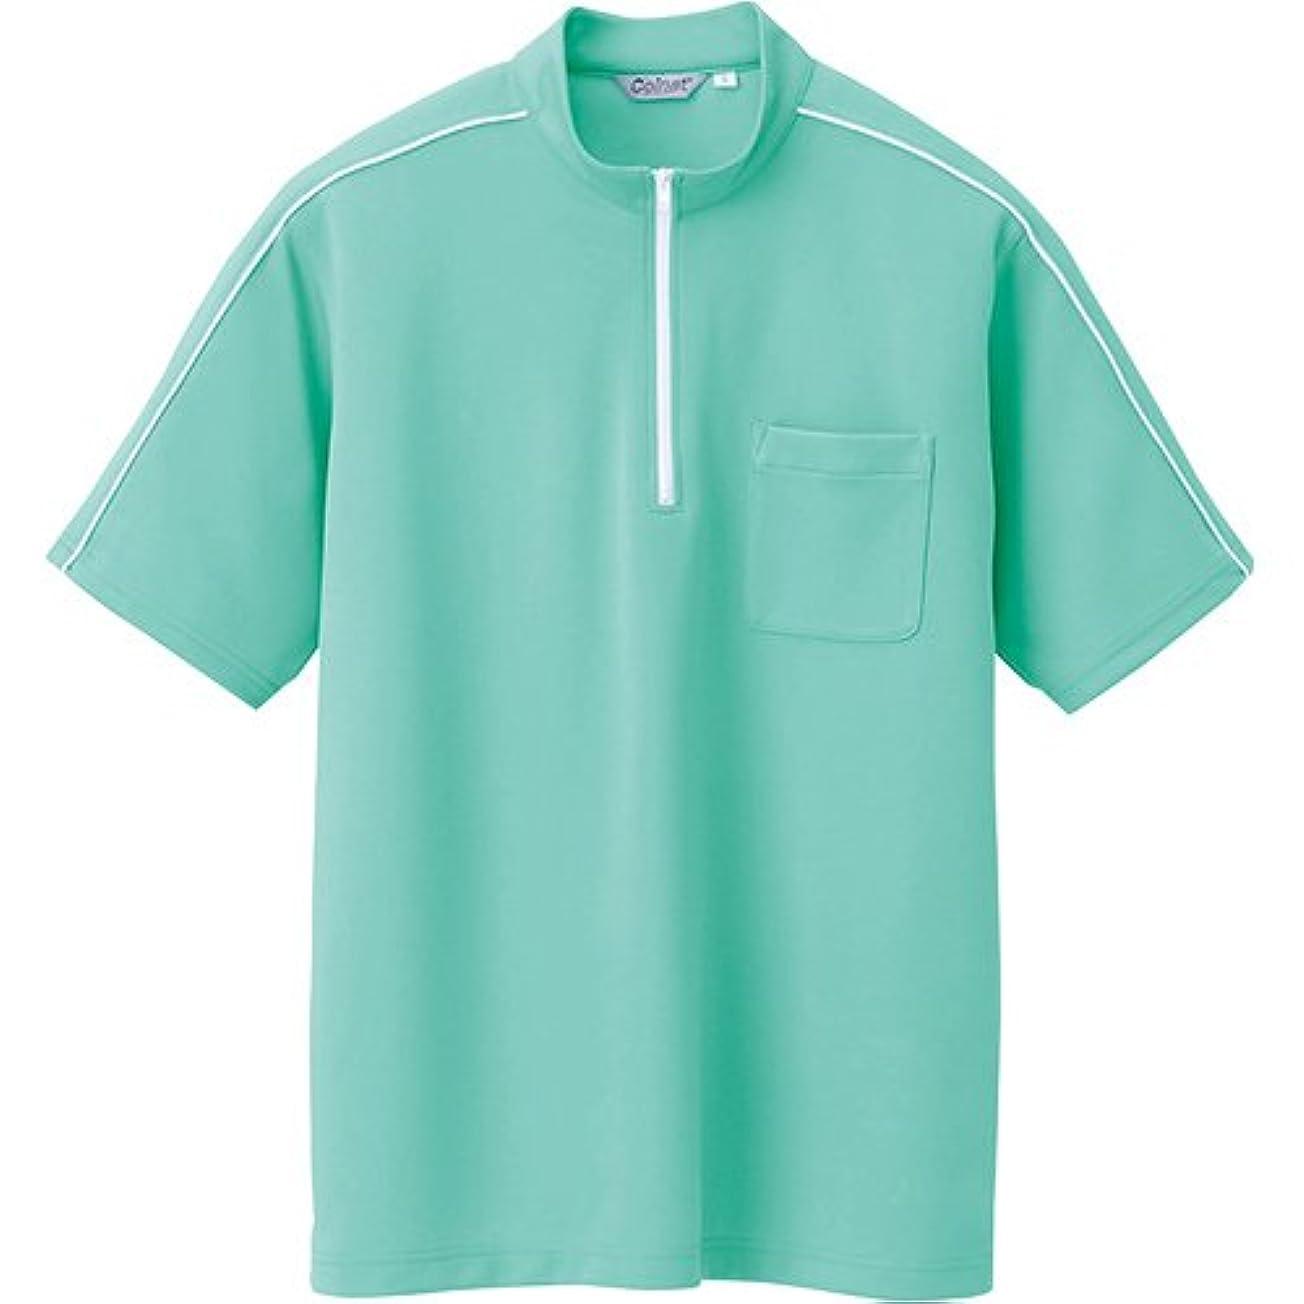 北極圏ストライドうなり声半袖クイックドライジップシャツ(男女兼用) カラー:004ミントグリーン サイズ:3L